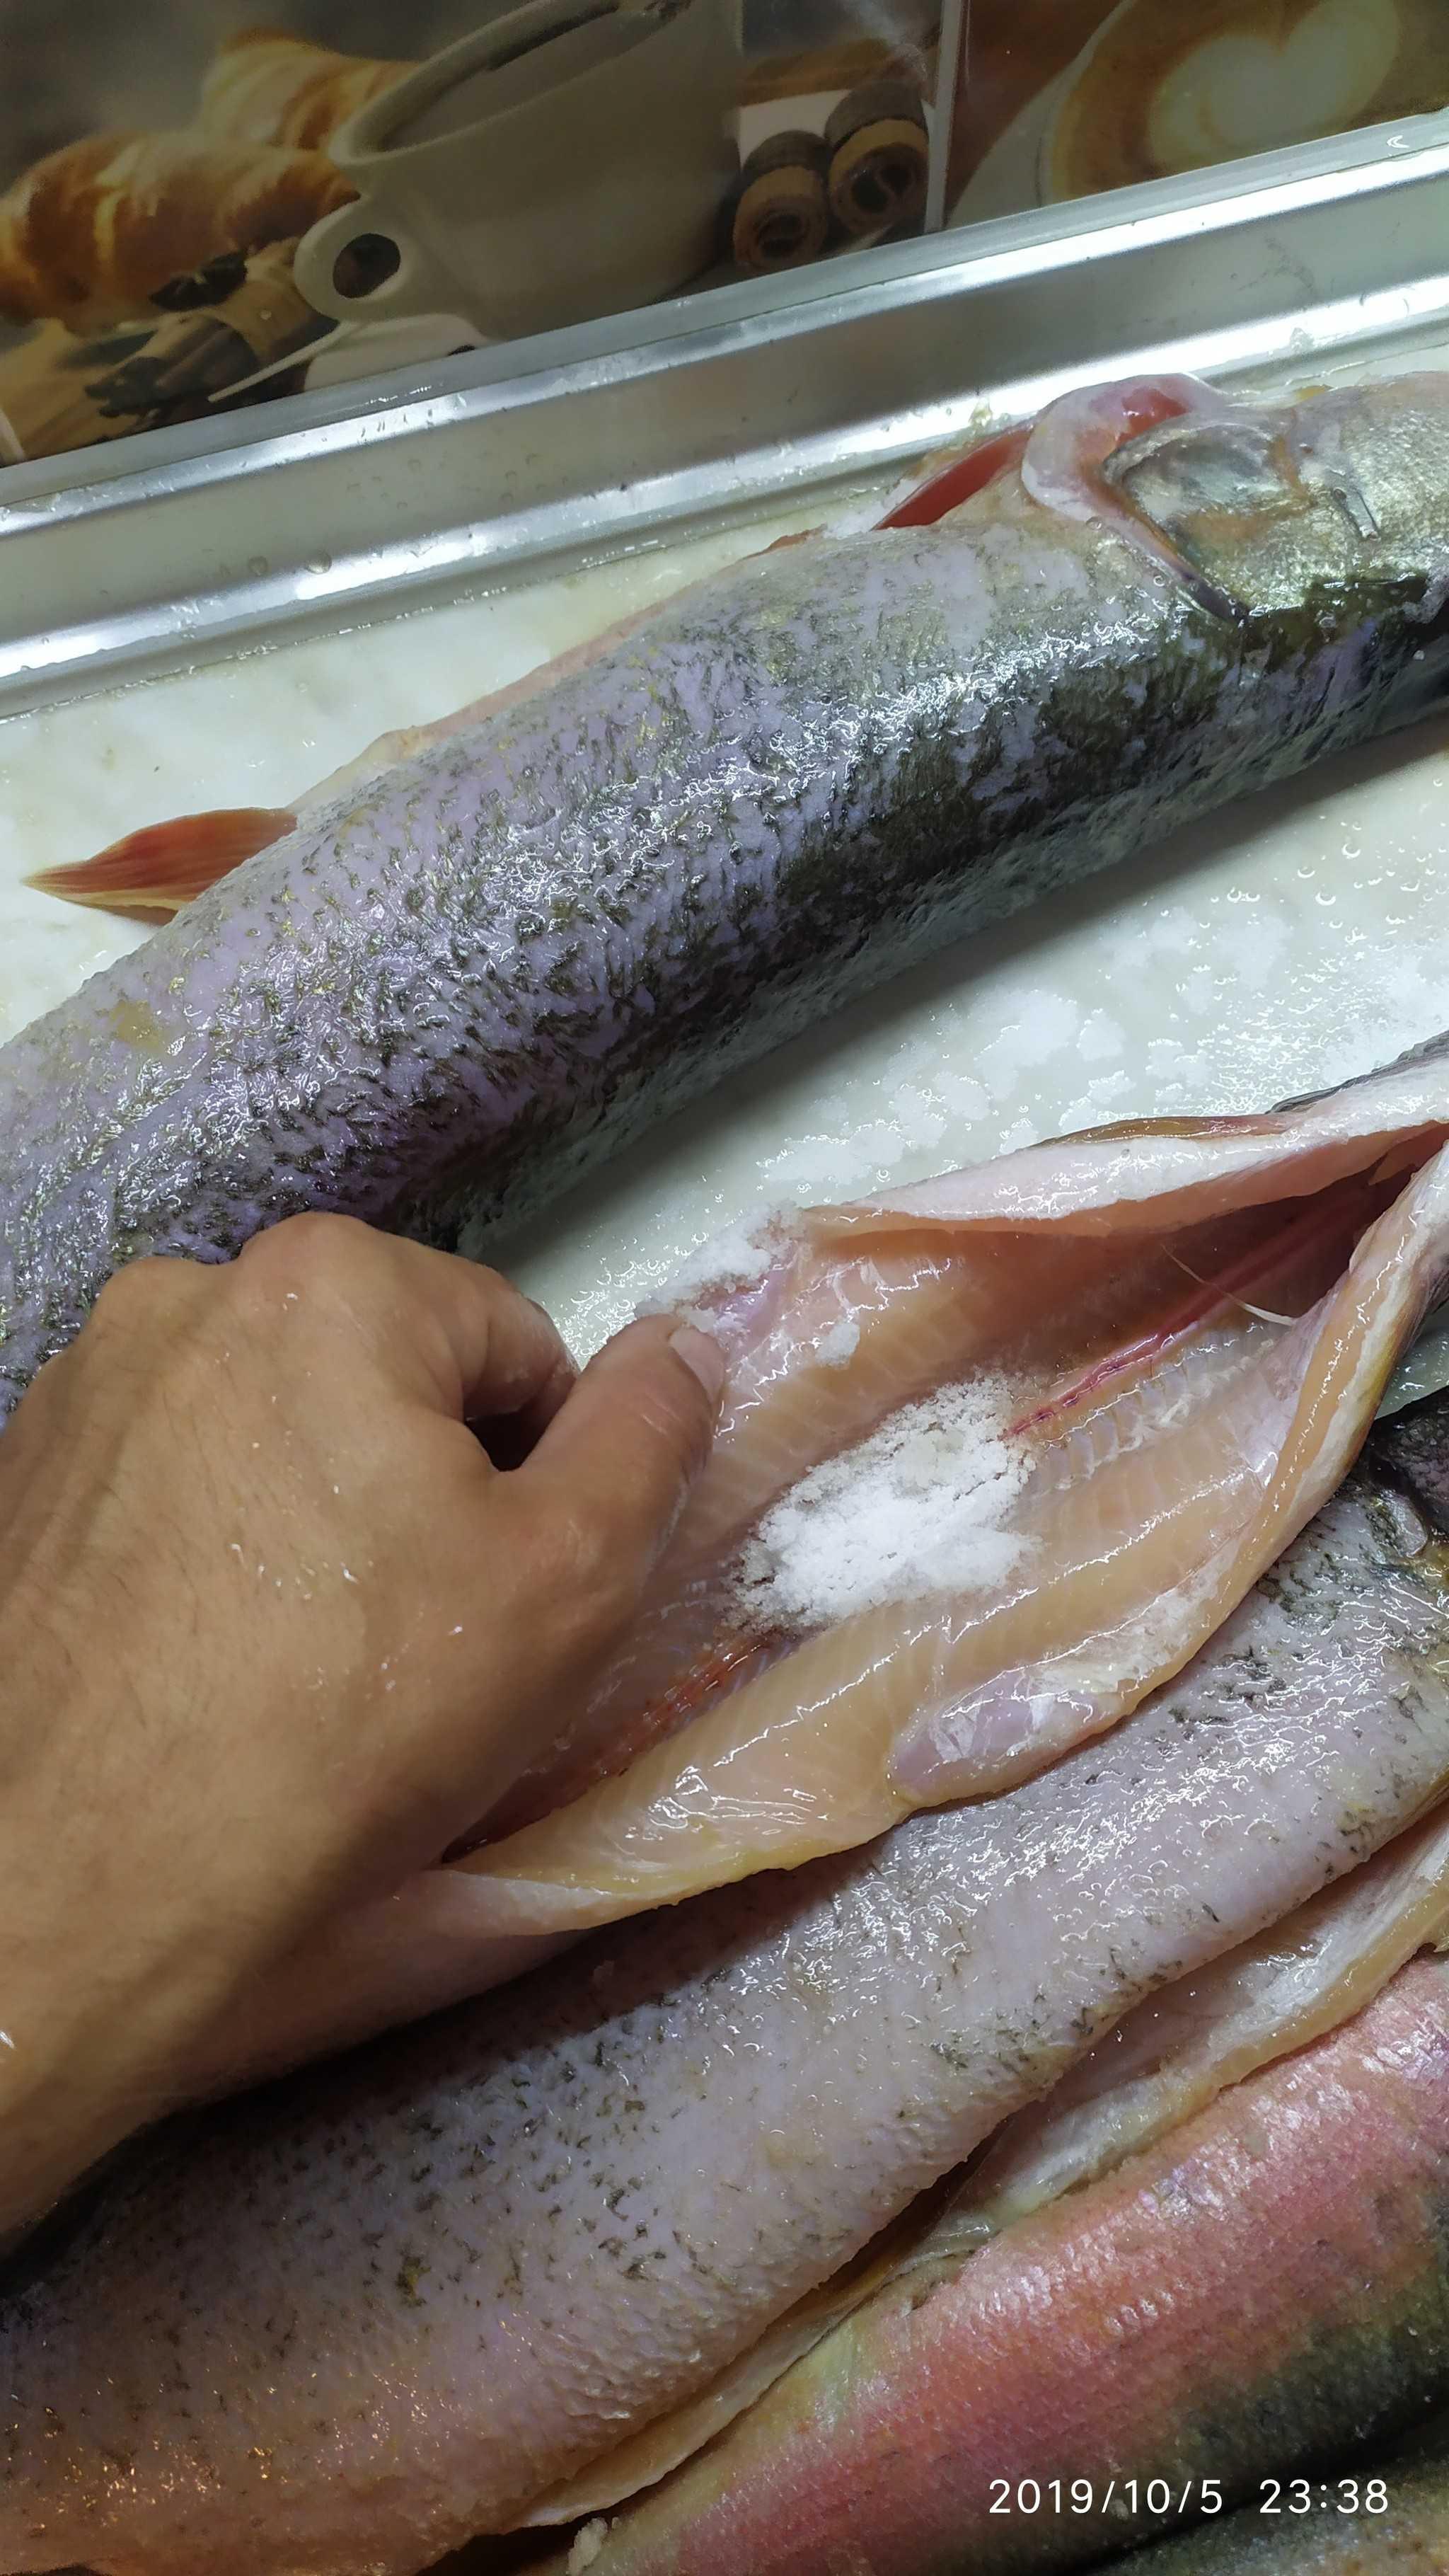 Как коптить щуку в домашних условиях: основные рецепты приготовления. Польза и возможный вред продукта. Выбор рыбы, ее предварительная подготовка.